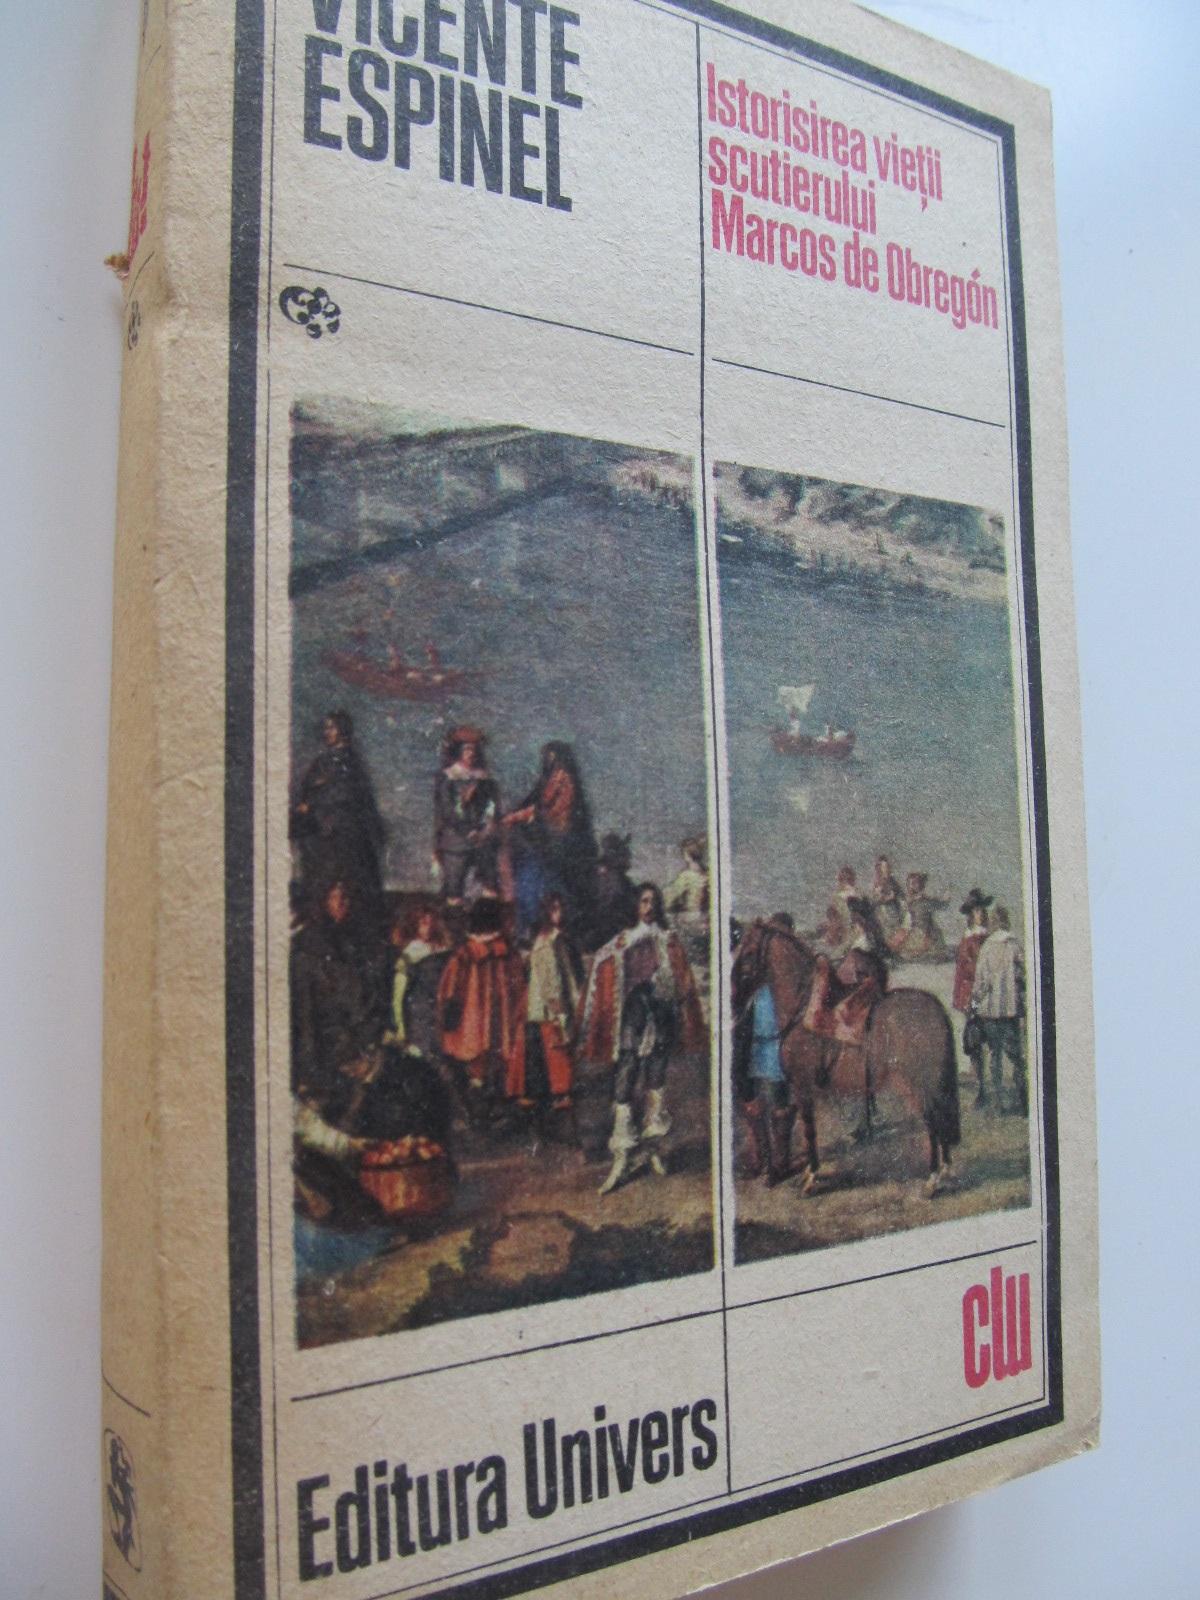 Istorisirea vietii scutierului Marcos de Obregon - Vicente Espinel | Detalii carte